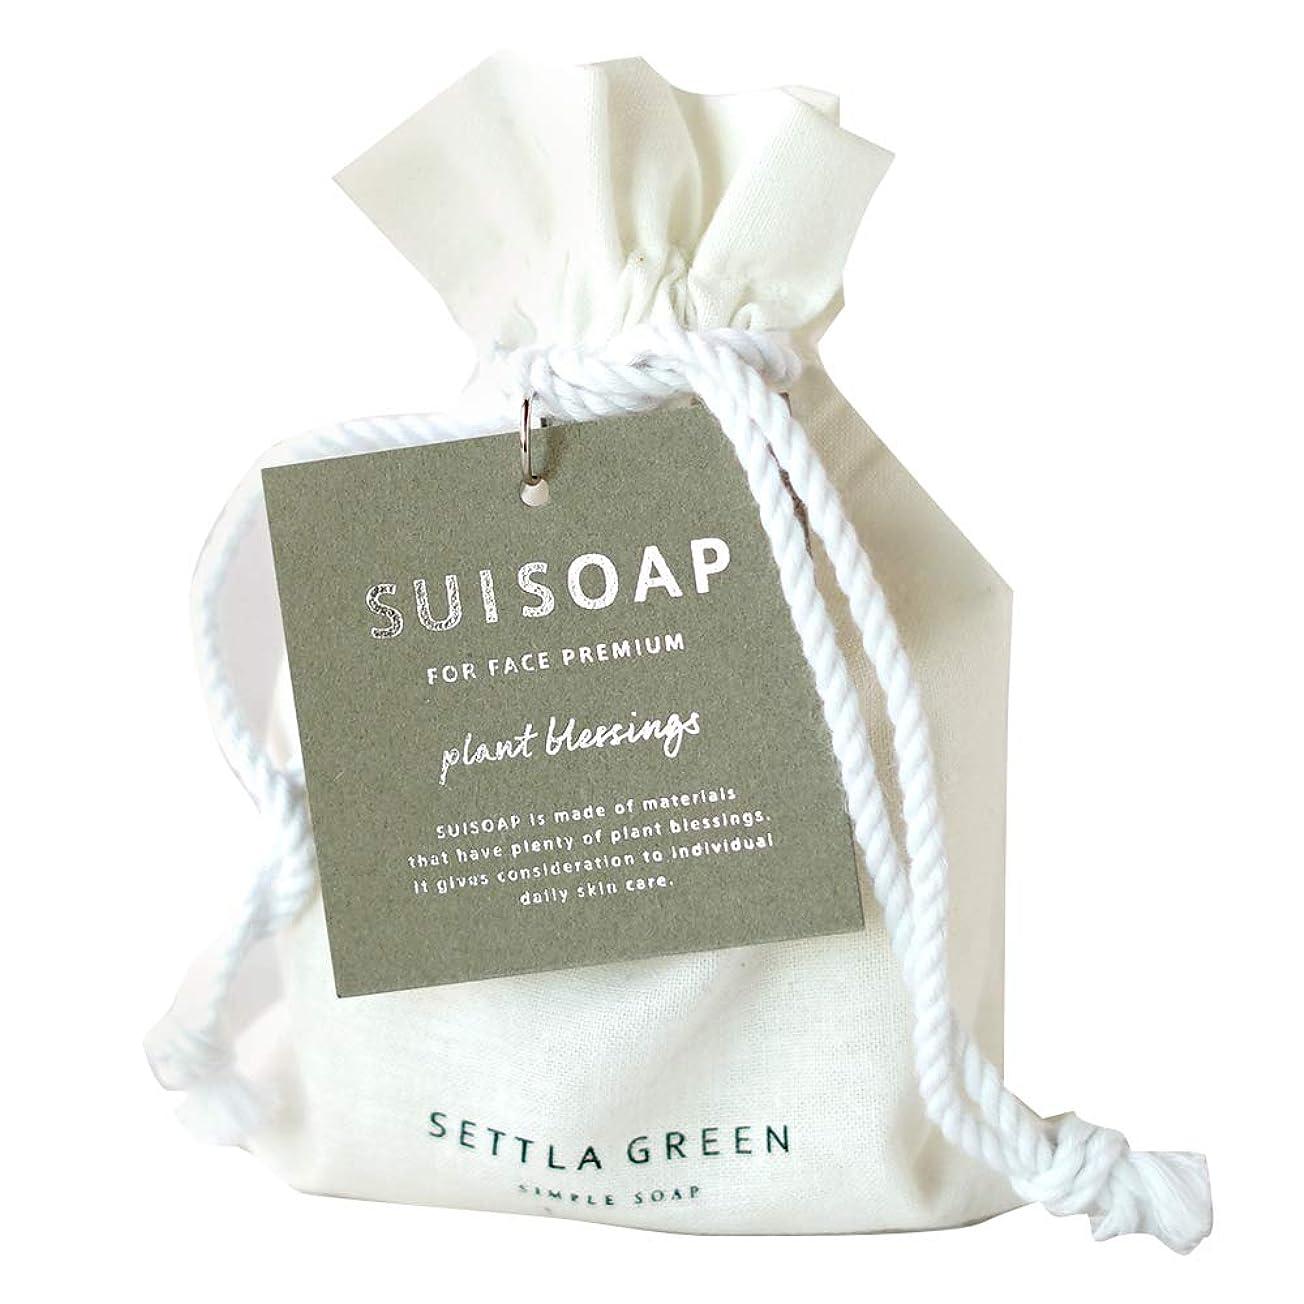 百年儀式十分SETTLA GREEN(セトラグリーン)|【SUISOAP】アボカド洗顔石鹸(淡路産無農薬カレンデ ュラ配合)